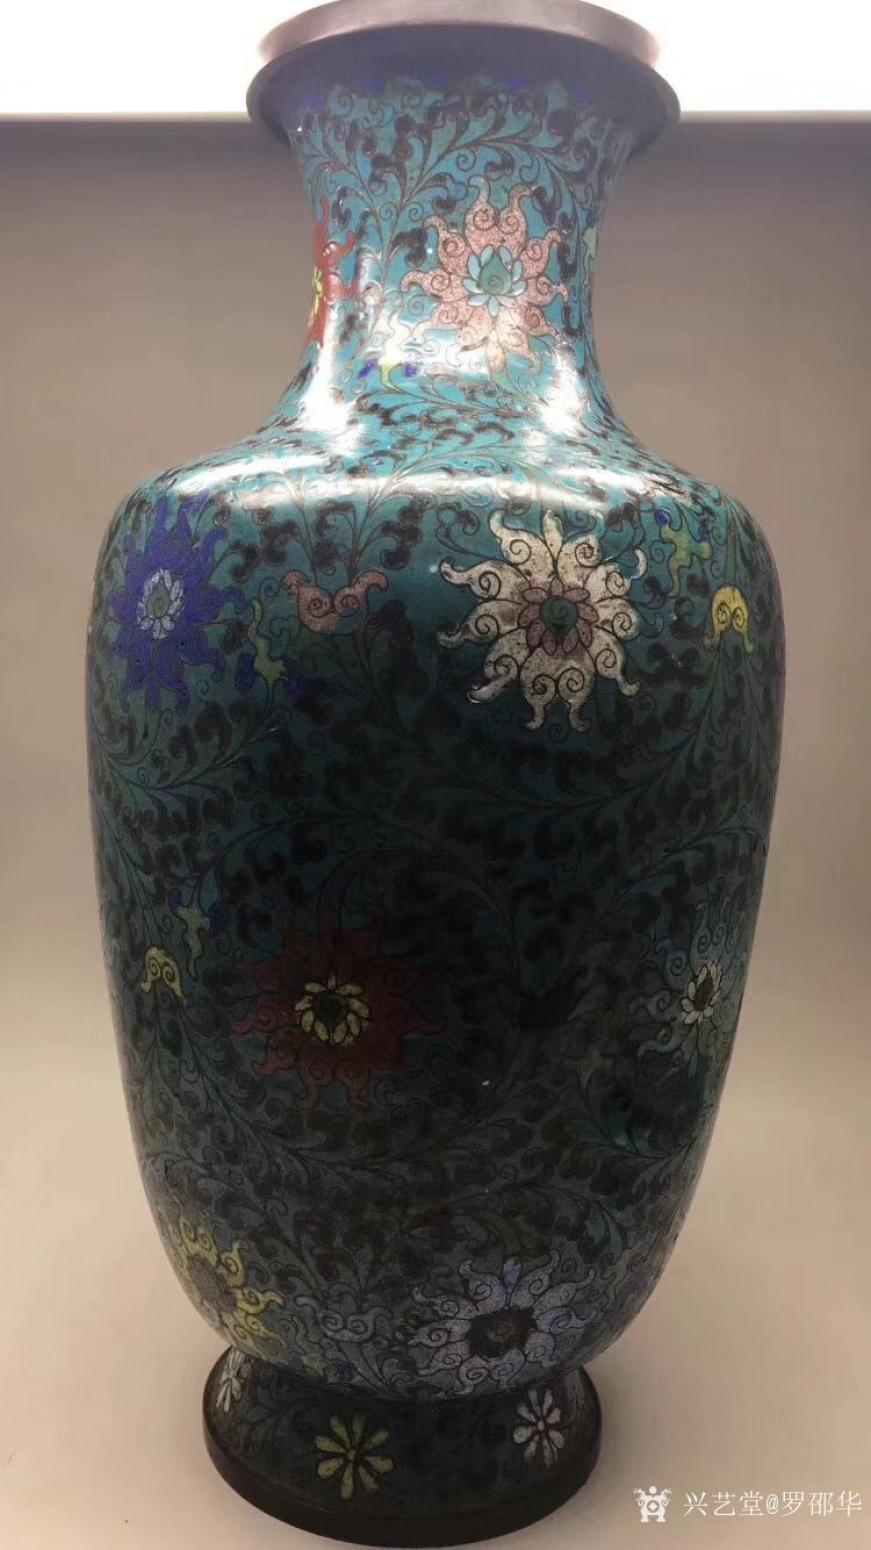 罗邵华文玩杂项作品《珐琅缠枝莲纹花瓶》